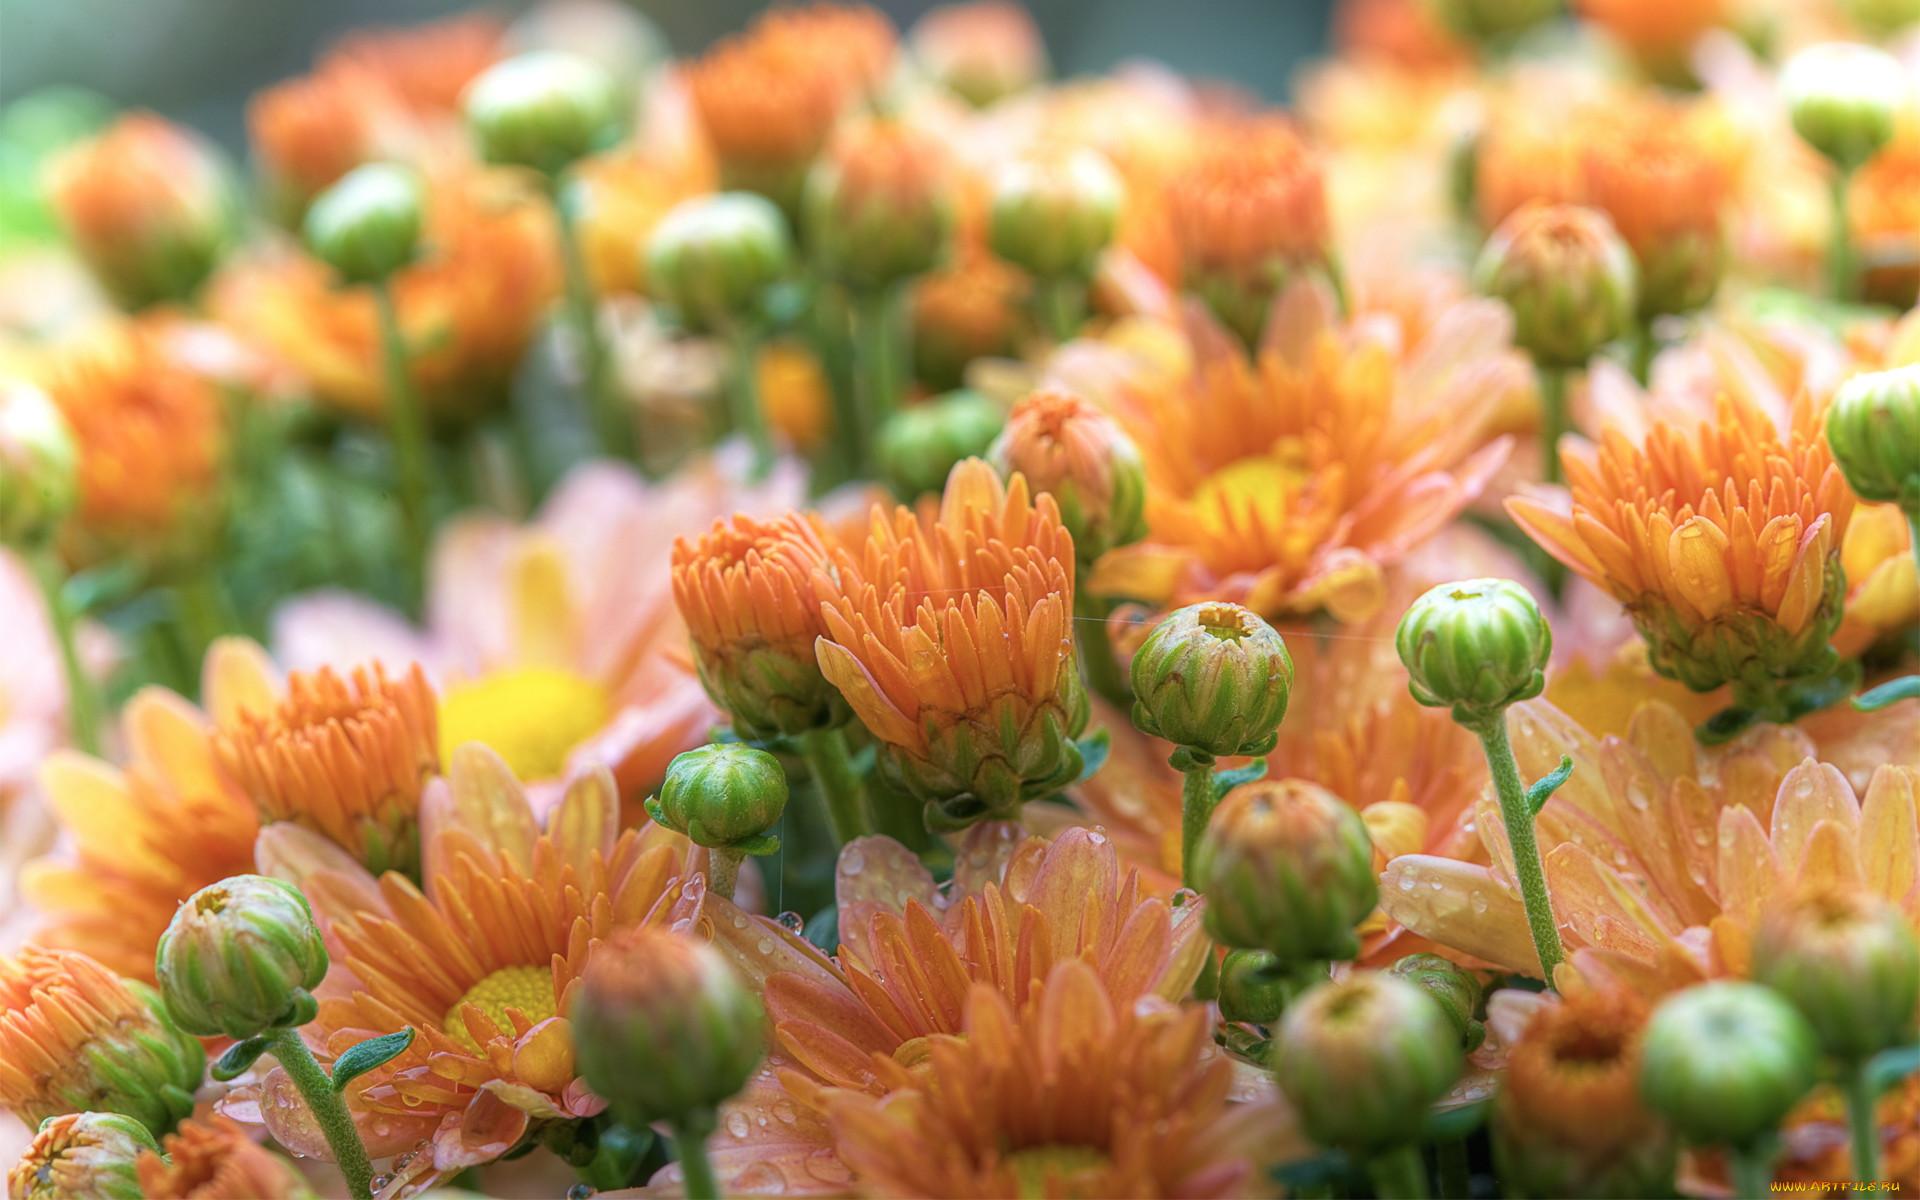 высокое качество фото цветы нетерпением жду